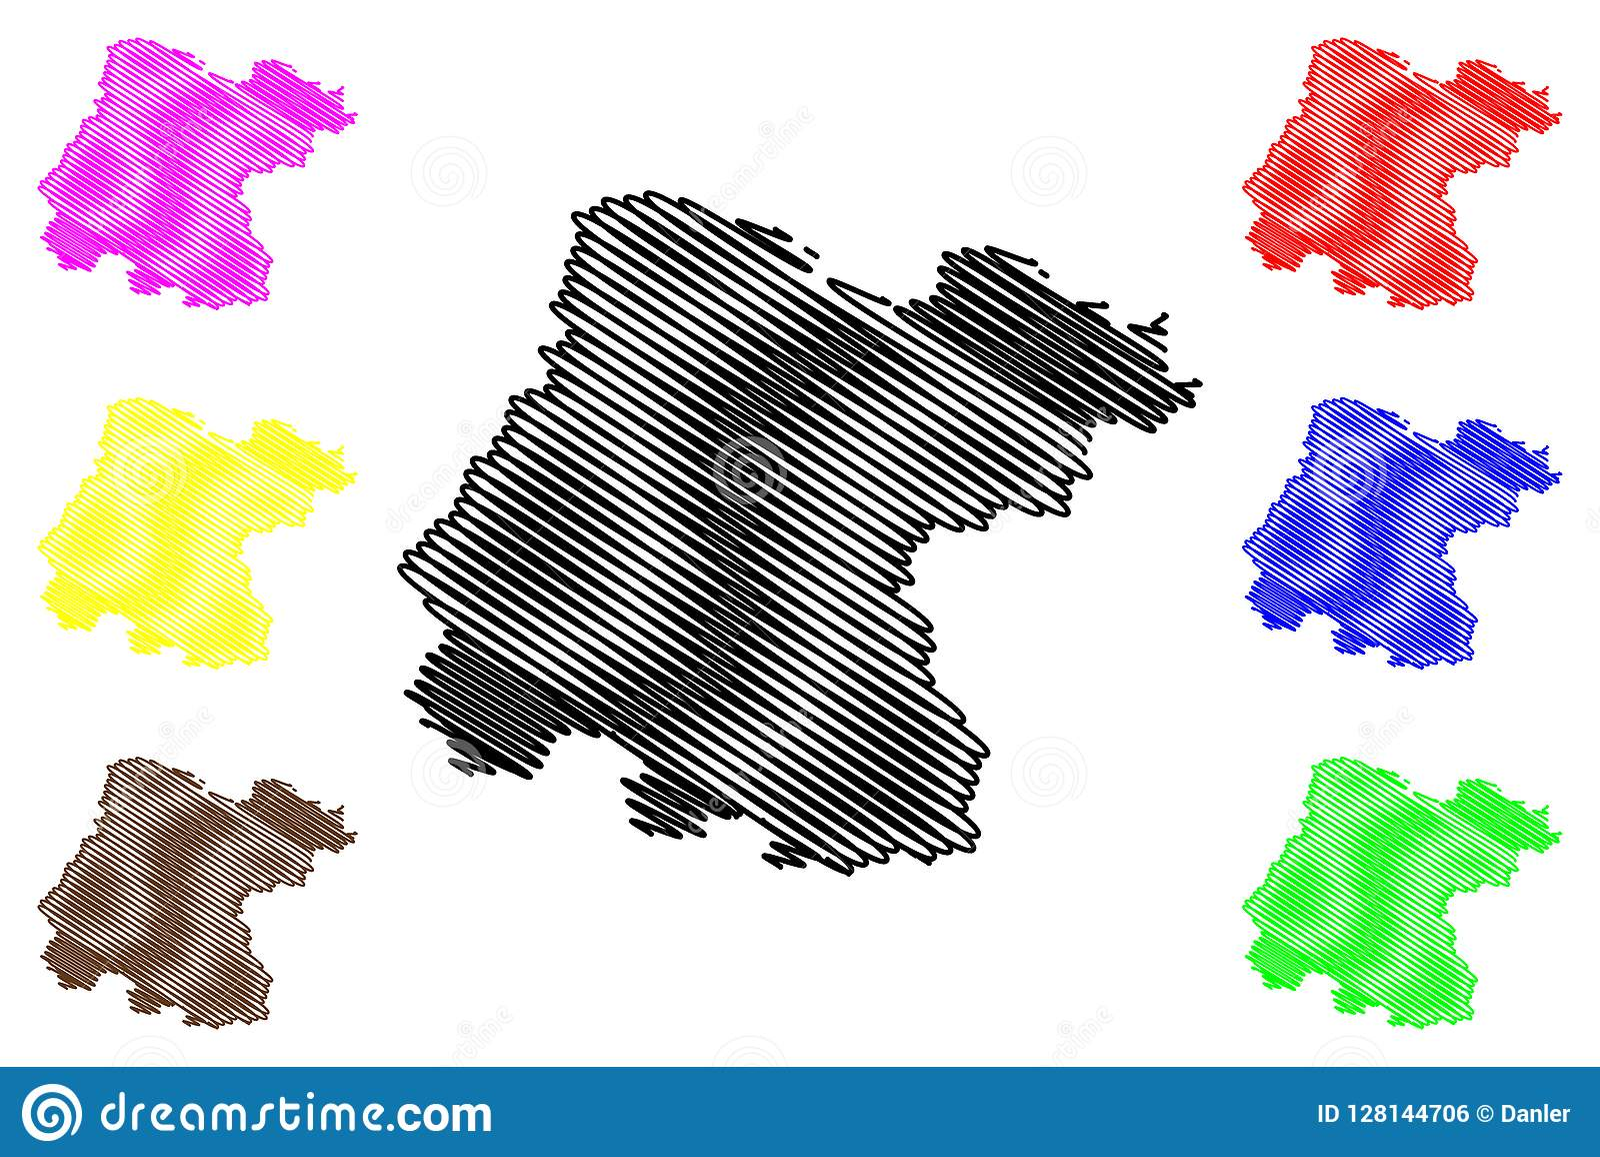 Mexico Map Guanajuato.Guanajuato Map Vector Stock Vector Illustration Of Icon 128144706